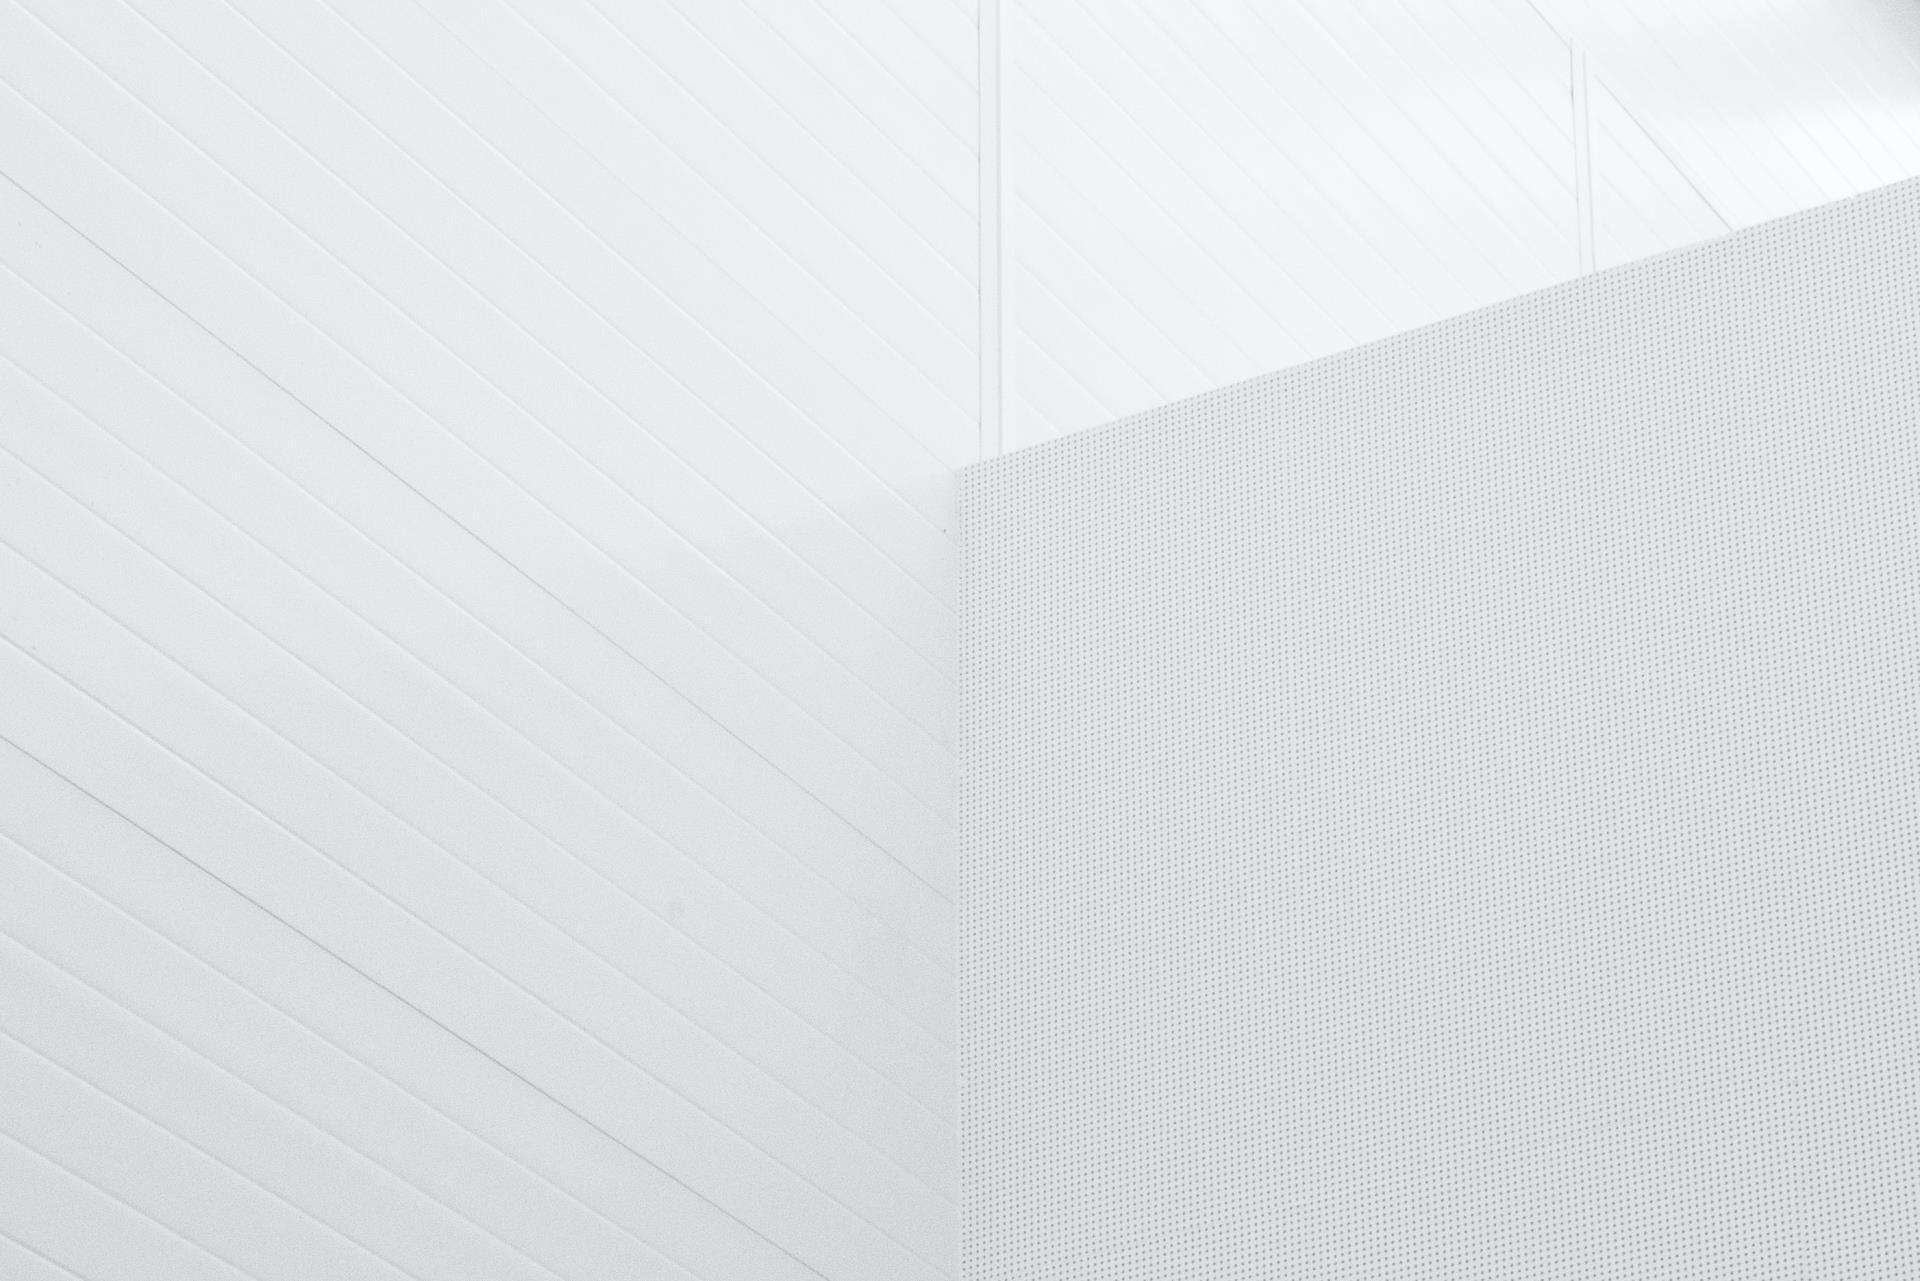 公寓,别墅和其他房地产, 葡萄牙